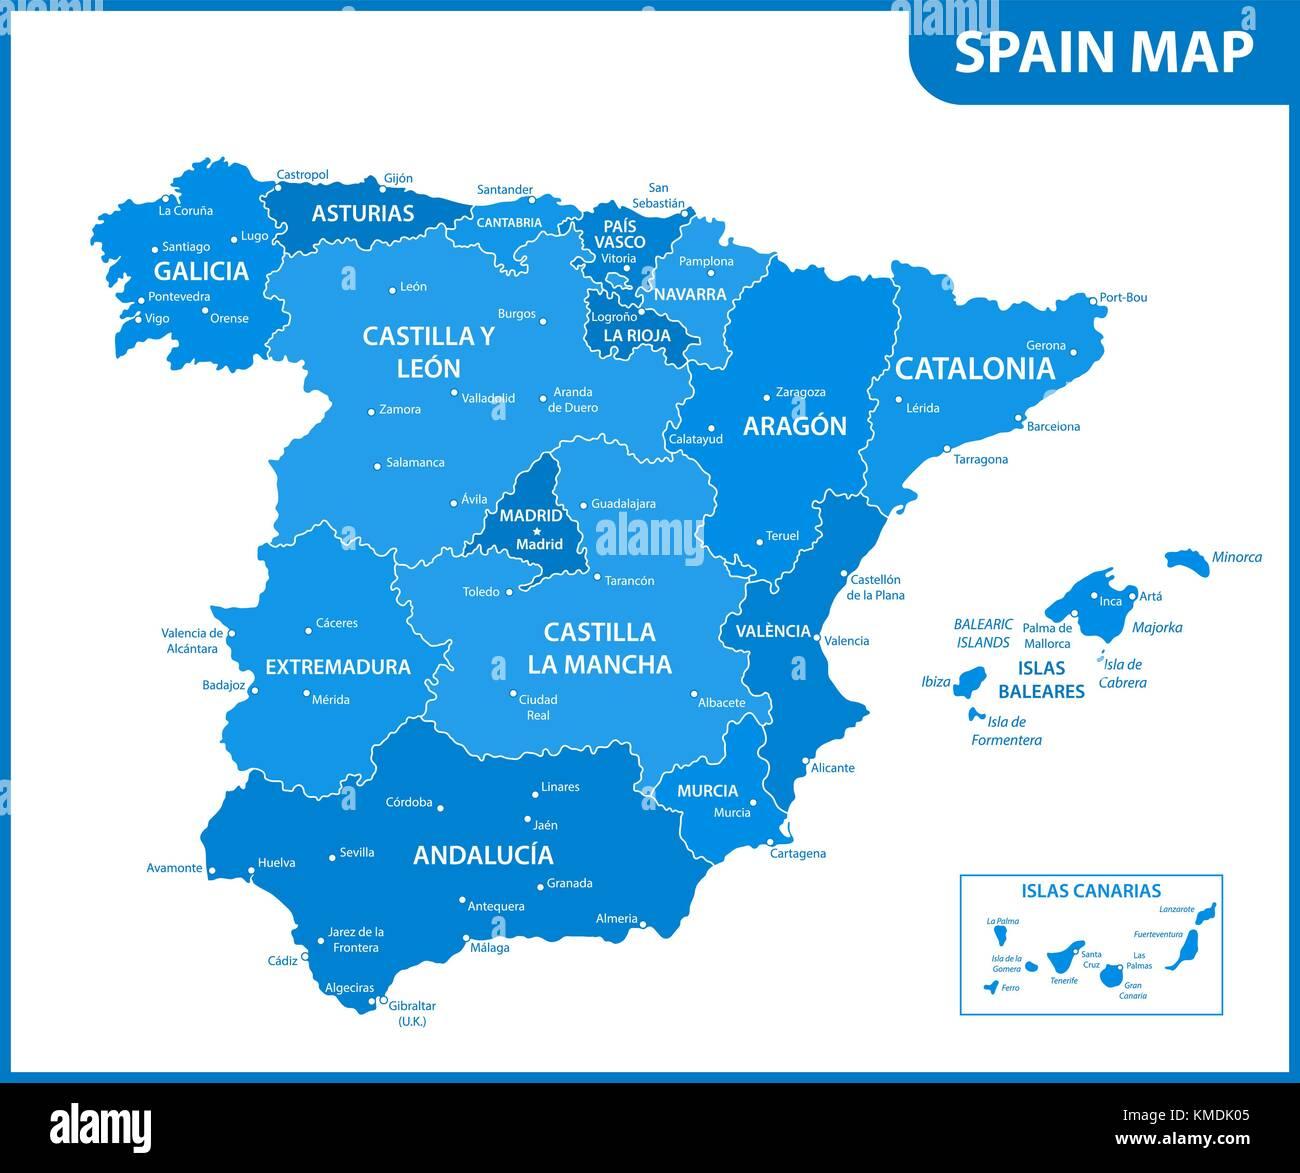 Spanien Karte Regionen.Die Detaillierte Karte Des Spanien Mit Regionen Oder Staaten